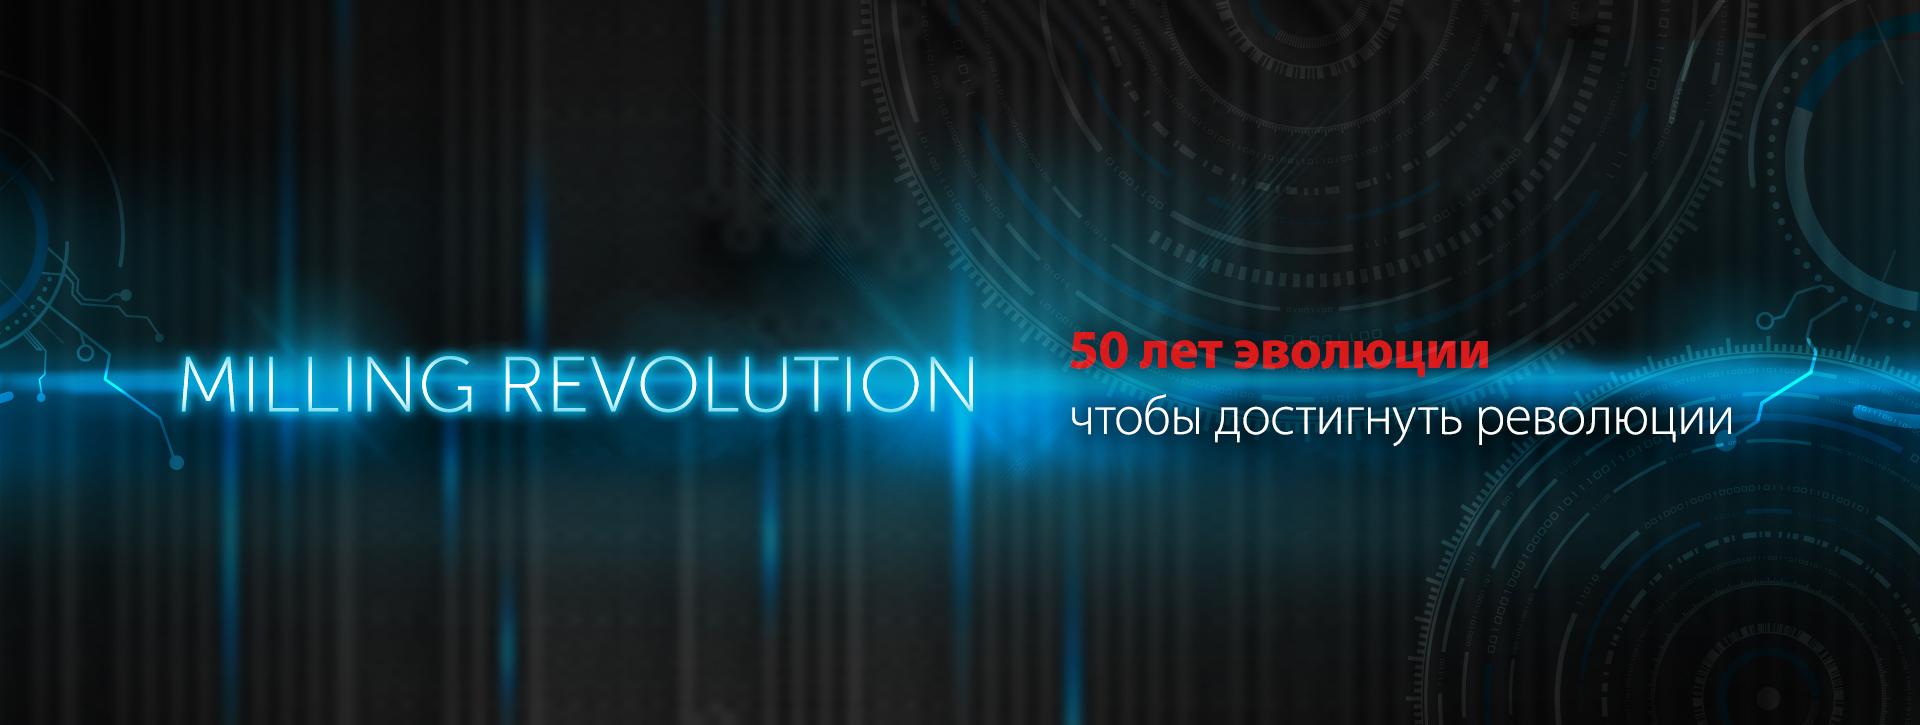 Milling Revolution